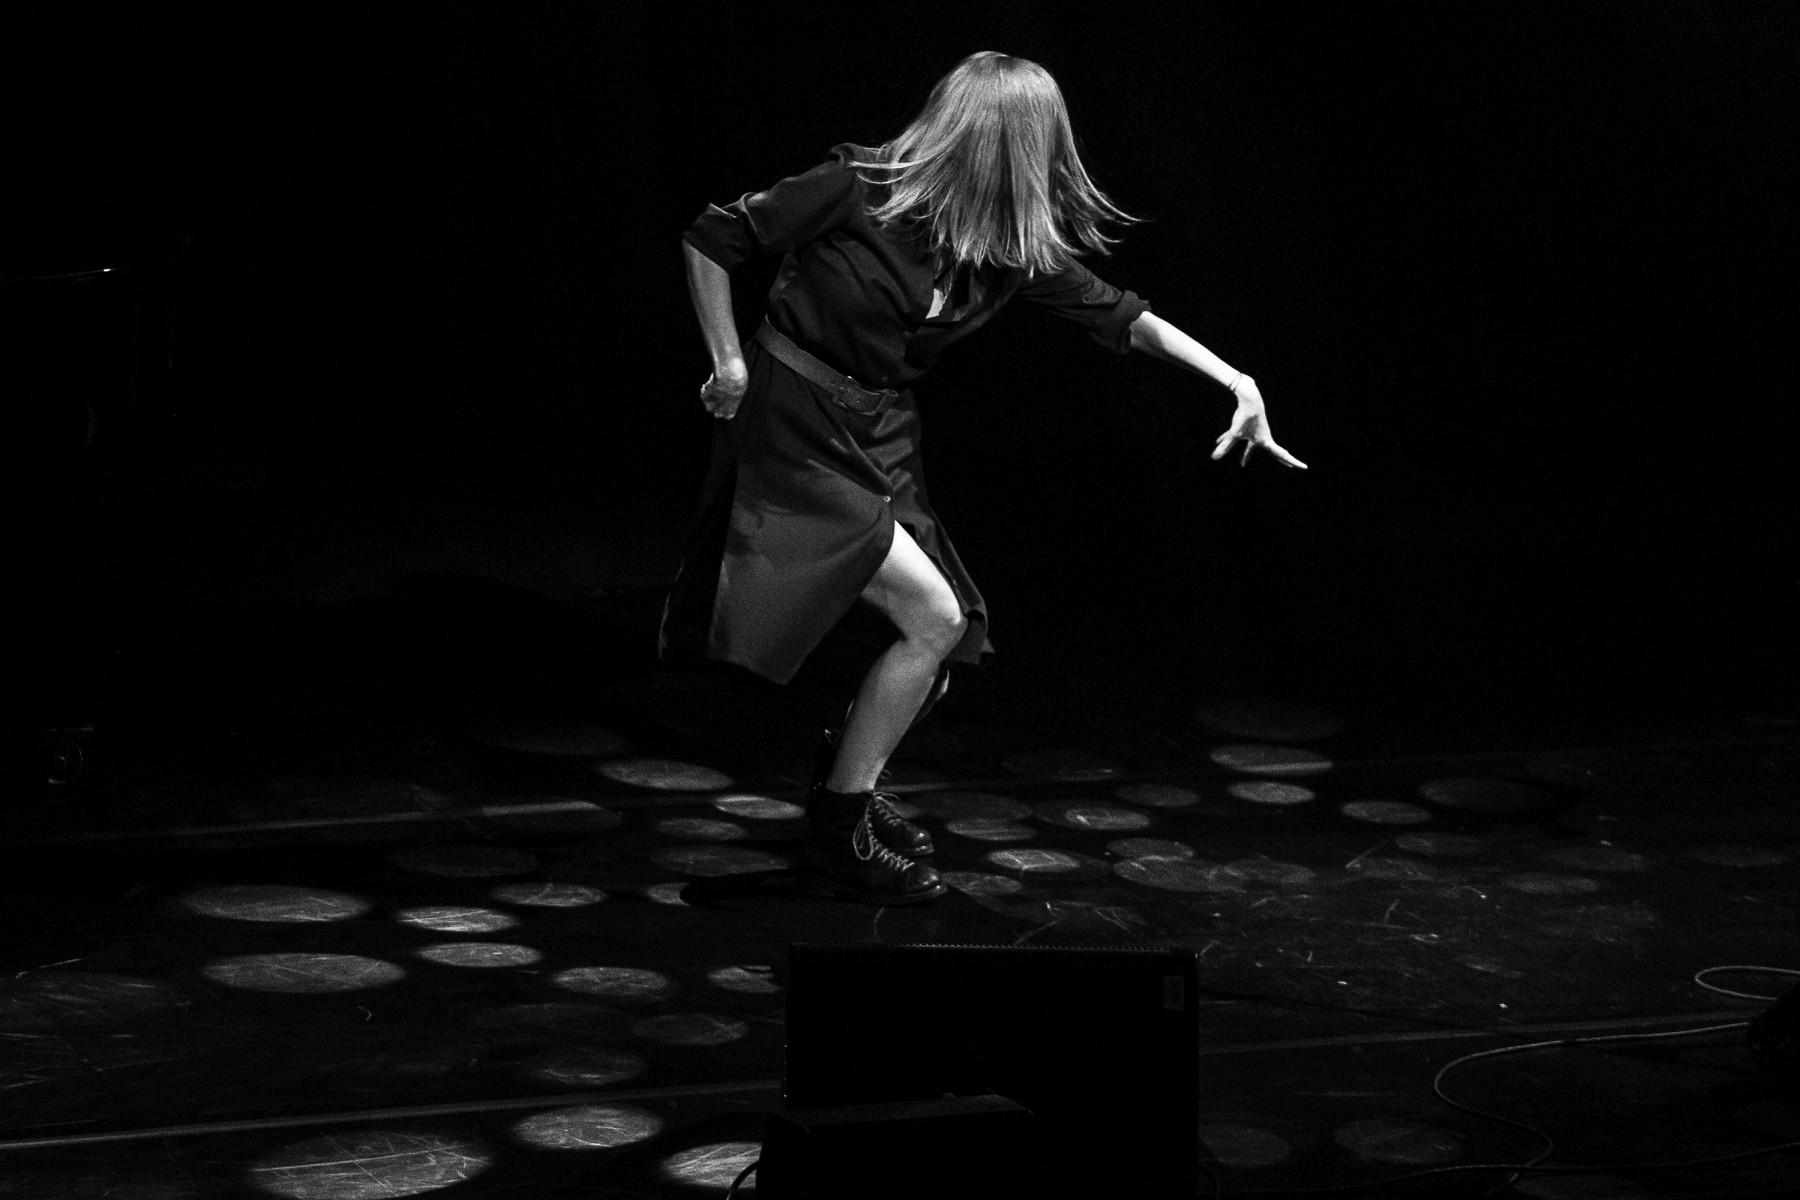 Na scenie Justyna Szafran w tanecznej, ekspresyjnej pozie, z twarzą zasłoniętą włosami. Zdjęcie monochromatyczne.